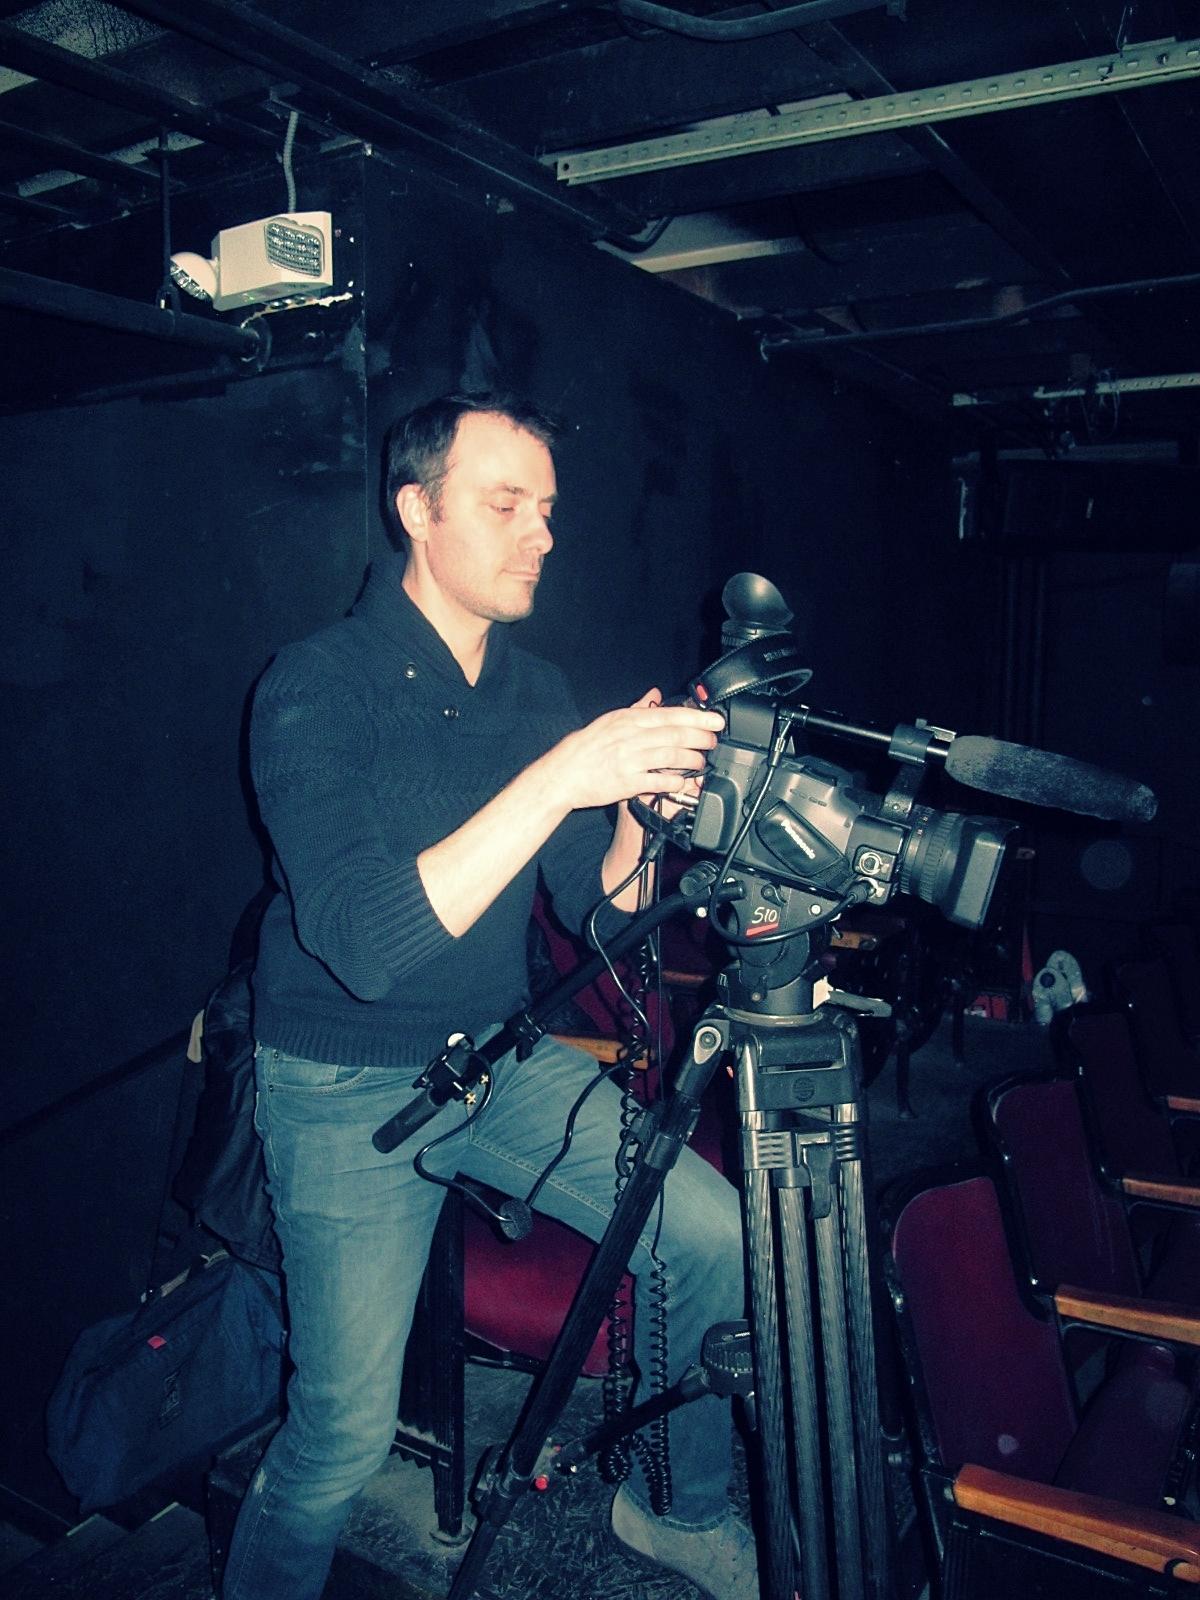 Instructor/Filmmaker David Kossack